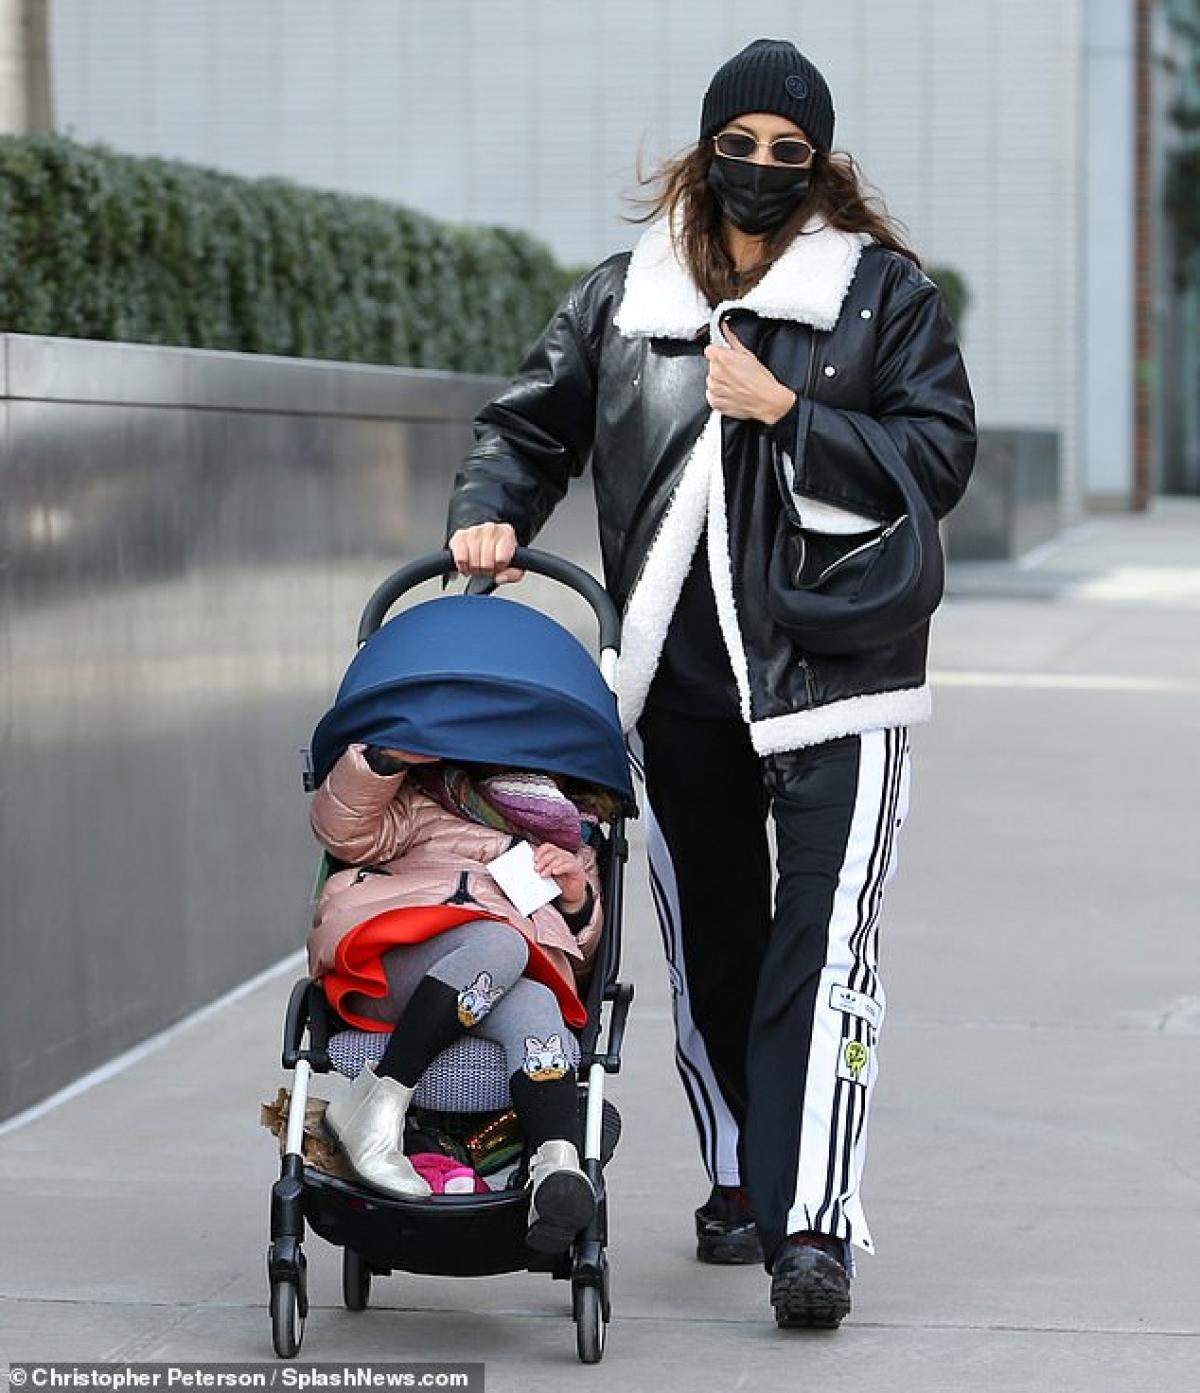 Người đẹp đội mũ và đeo khẩu trang cẩn thận trong thời điểm dịch bệnh.